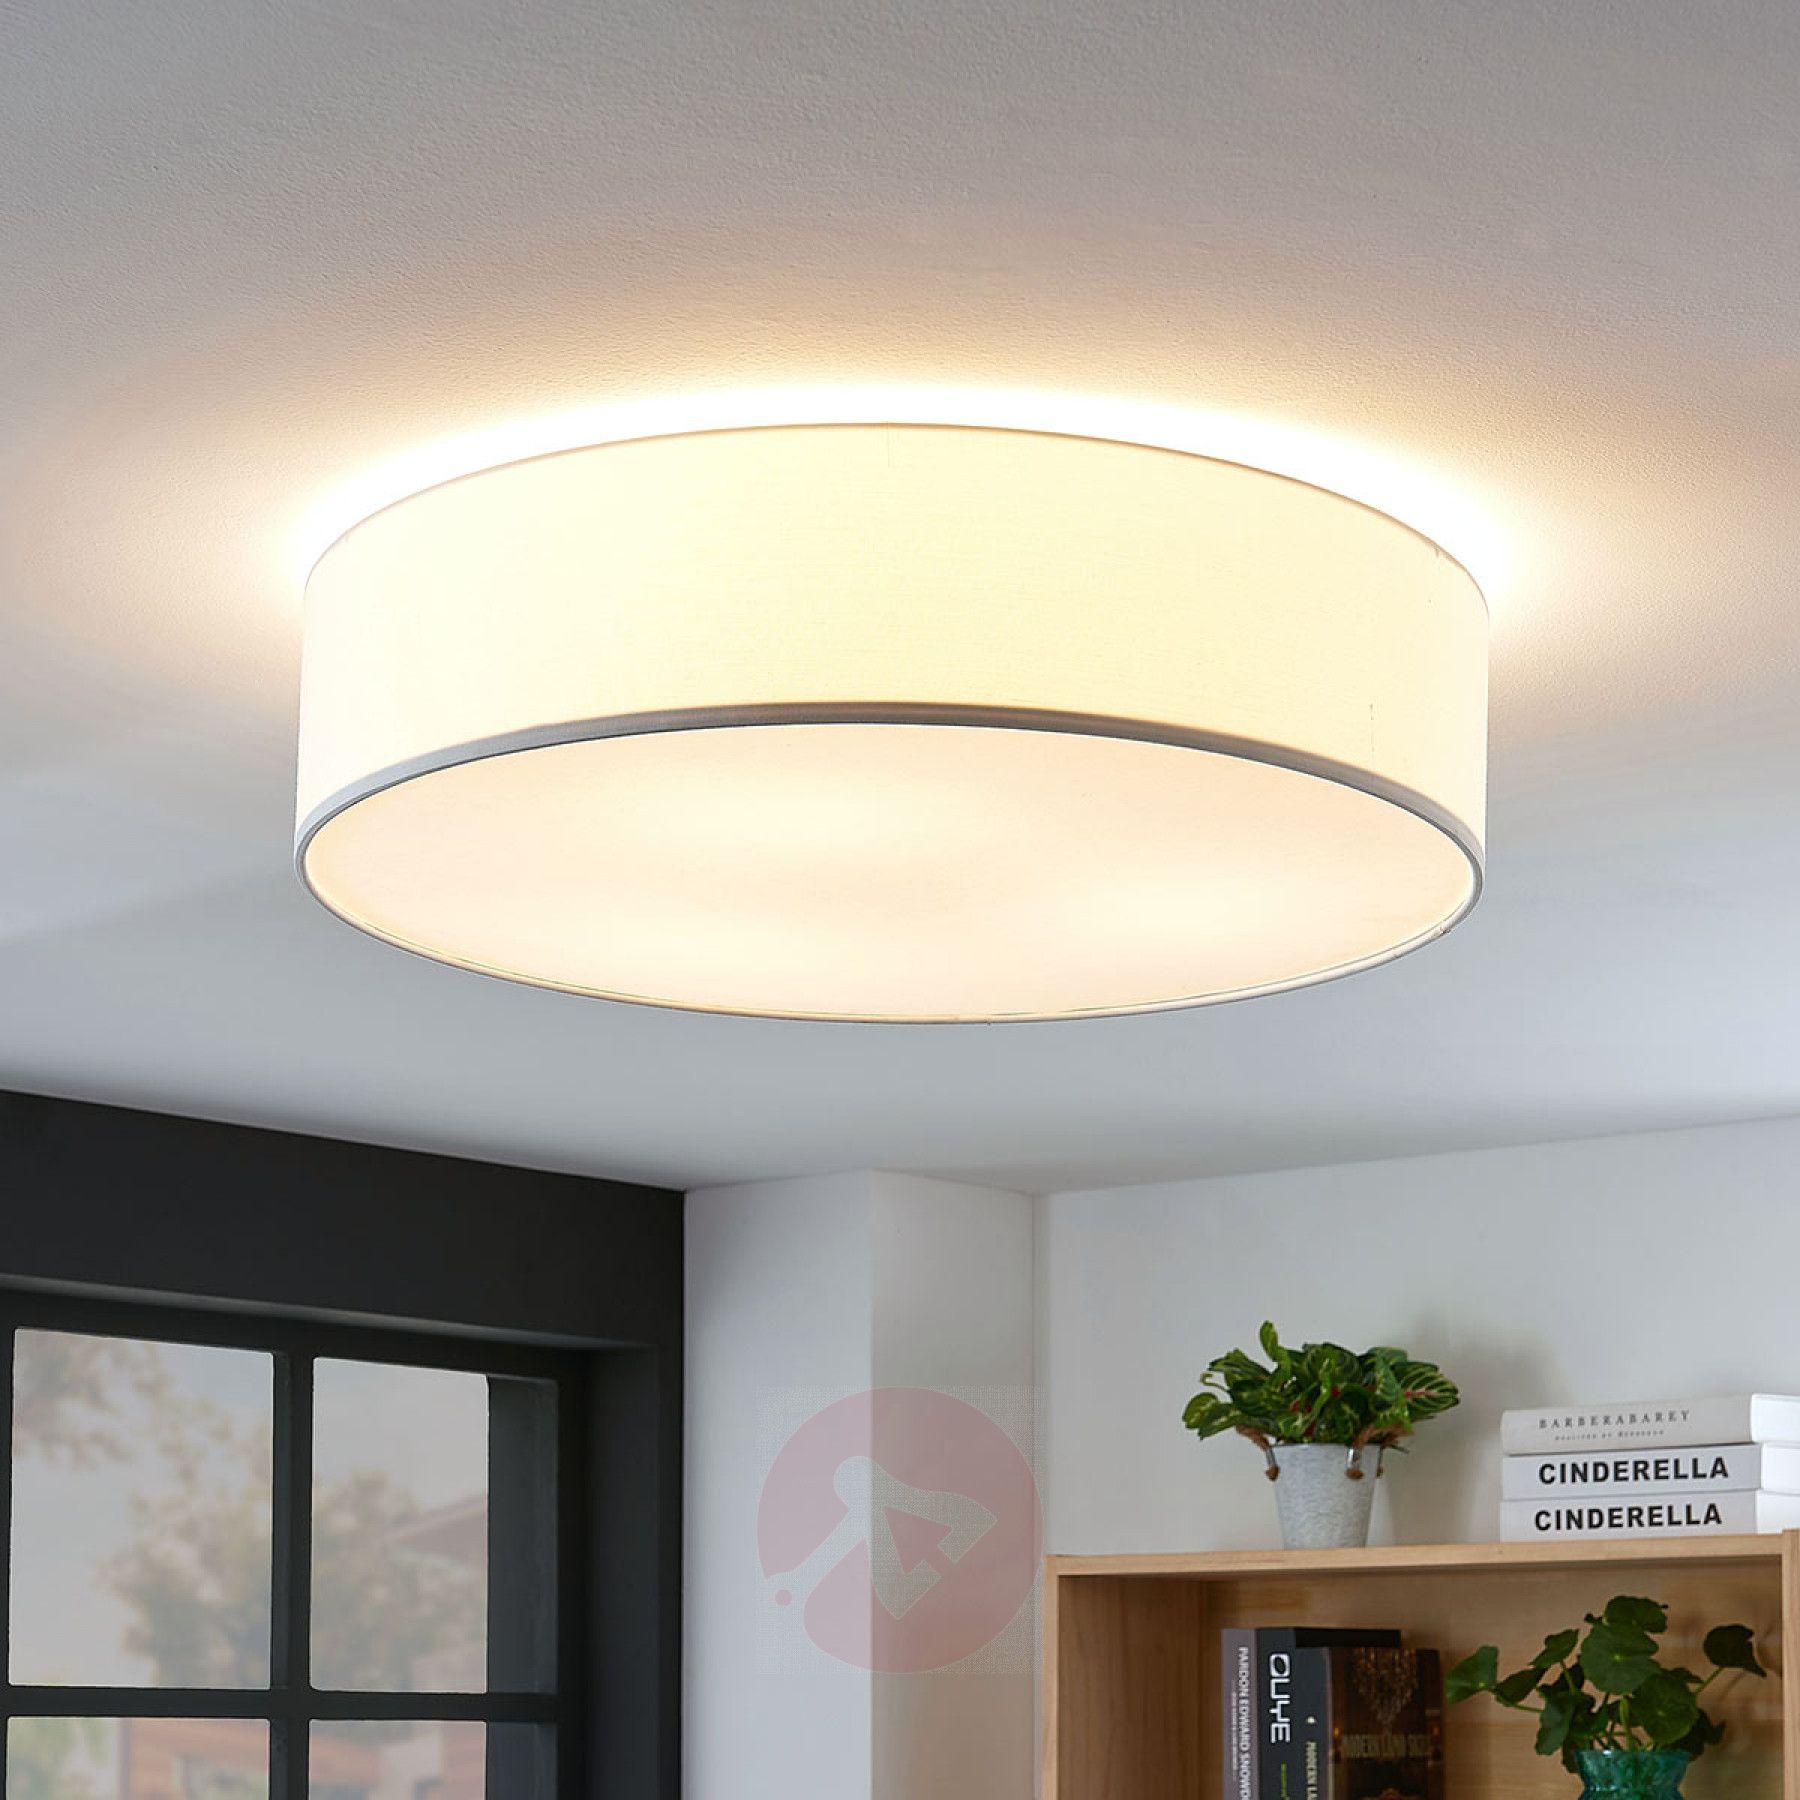 Stoff Deckenlampe Gordana In Weiss Kaufen Lampenwelt De Deckenlampe Beleuchtung Decke Lampen